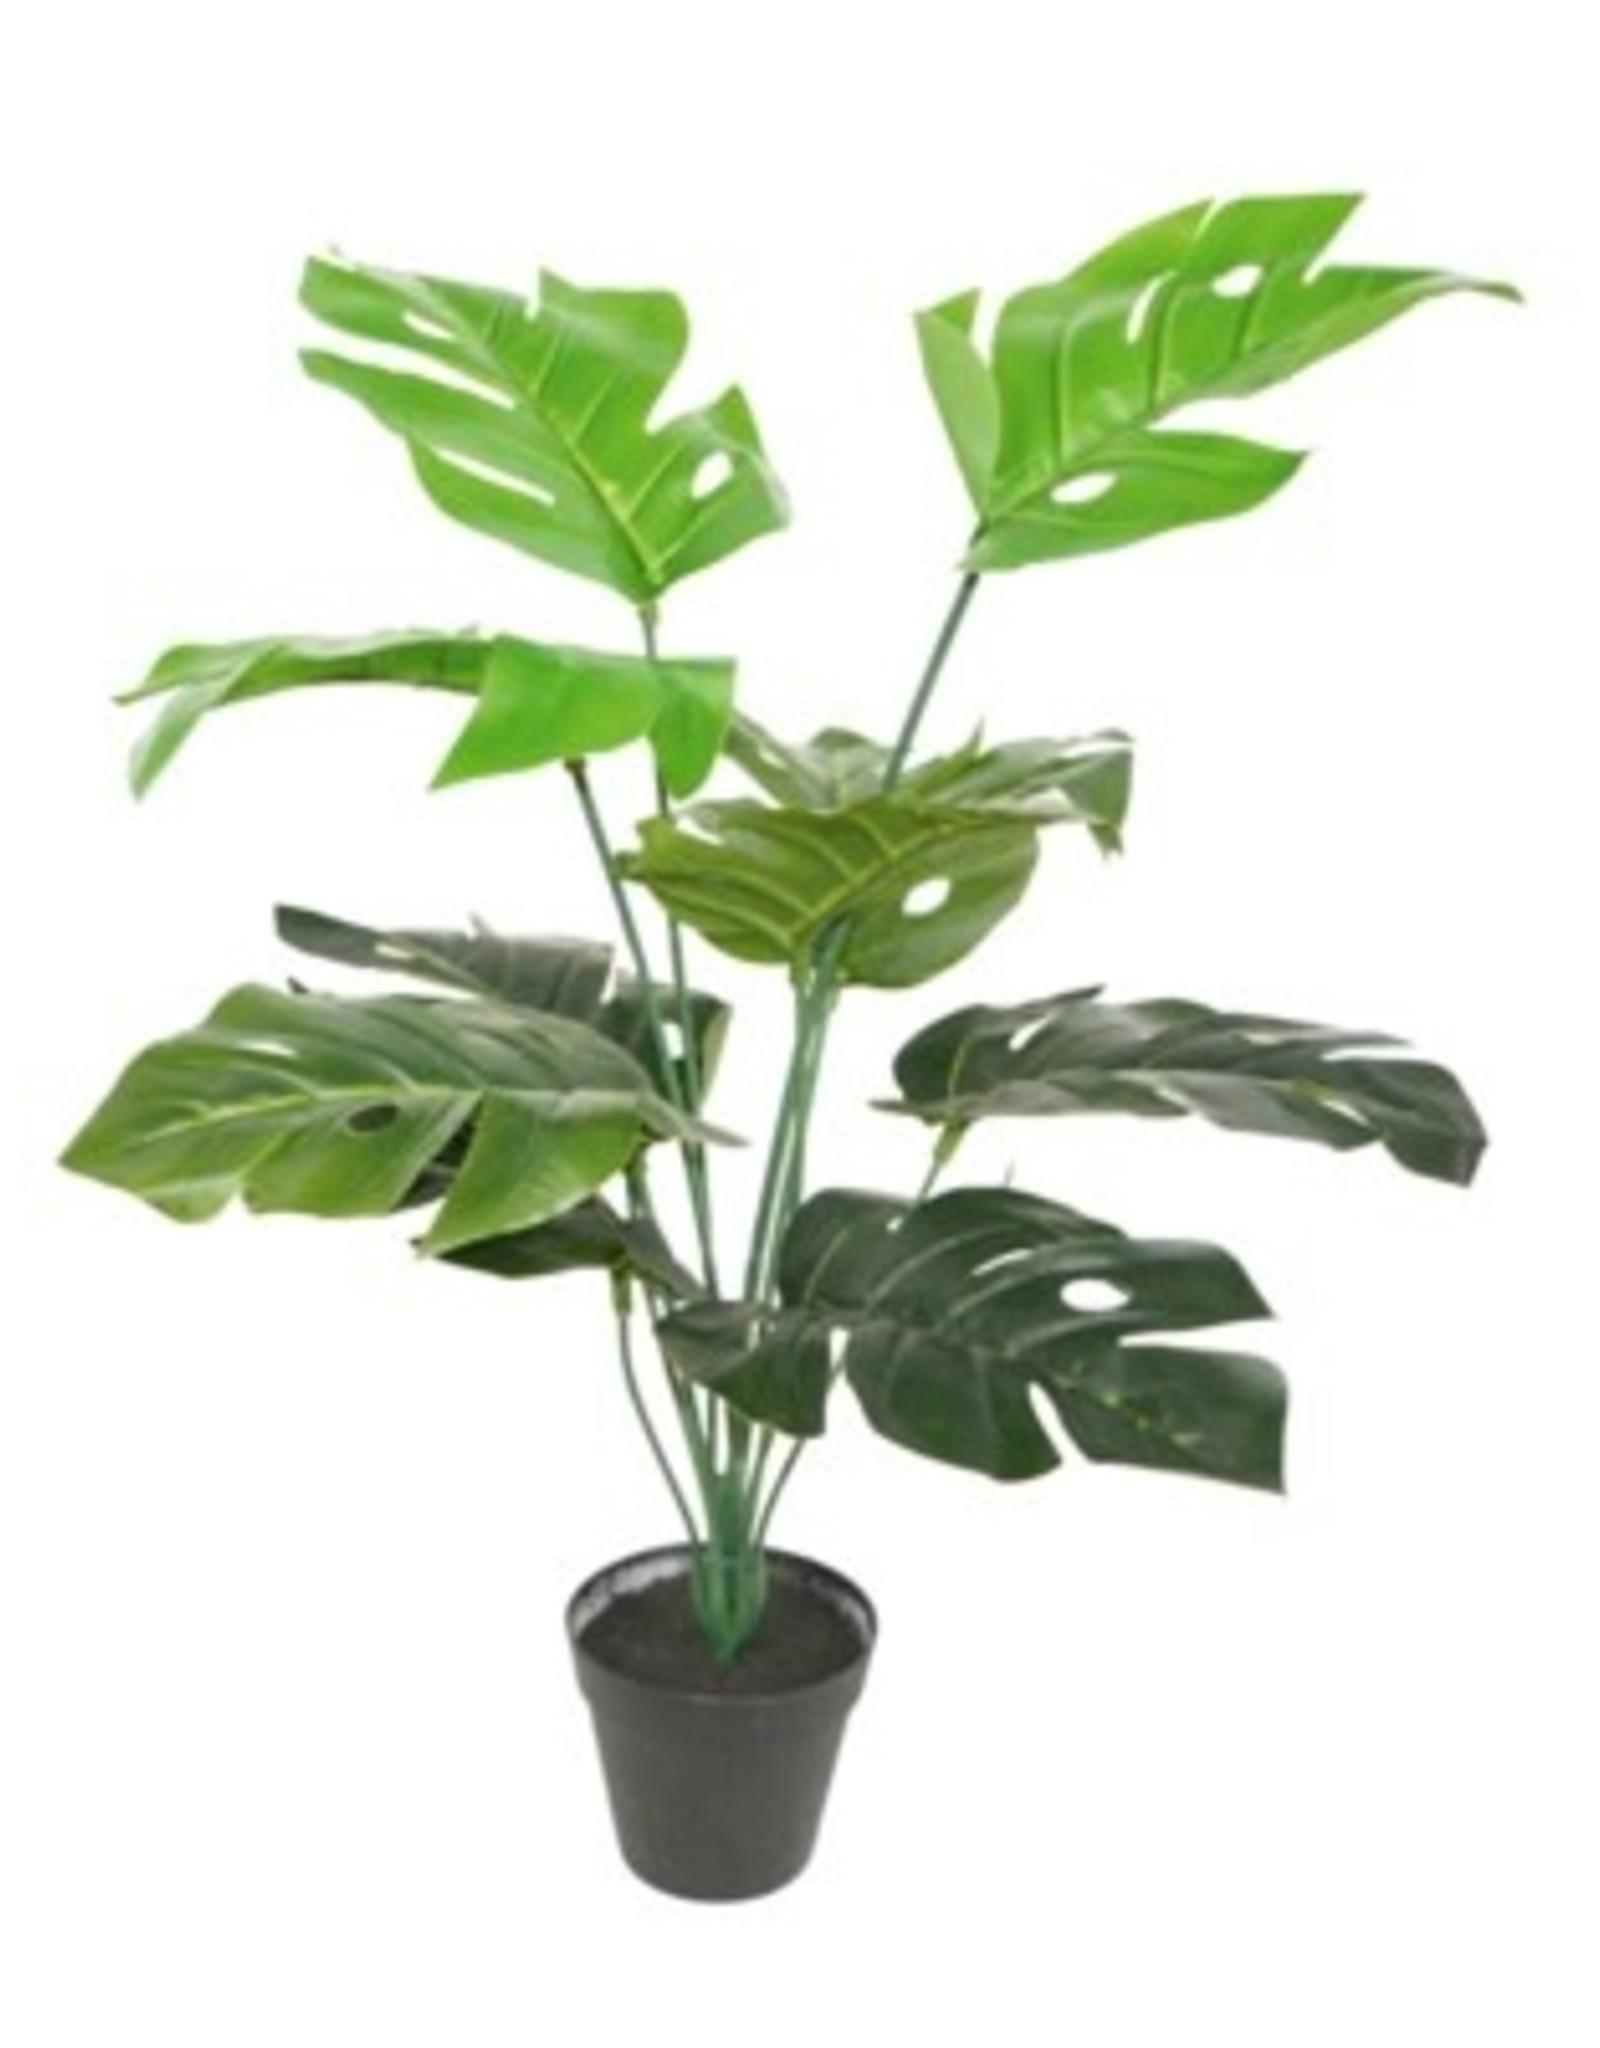 Nostalgia Philodendron Potted Nostalgia 780-011